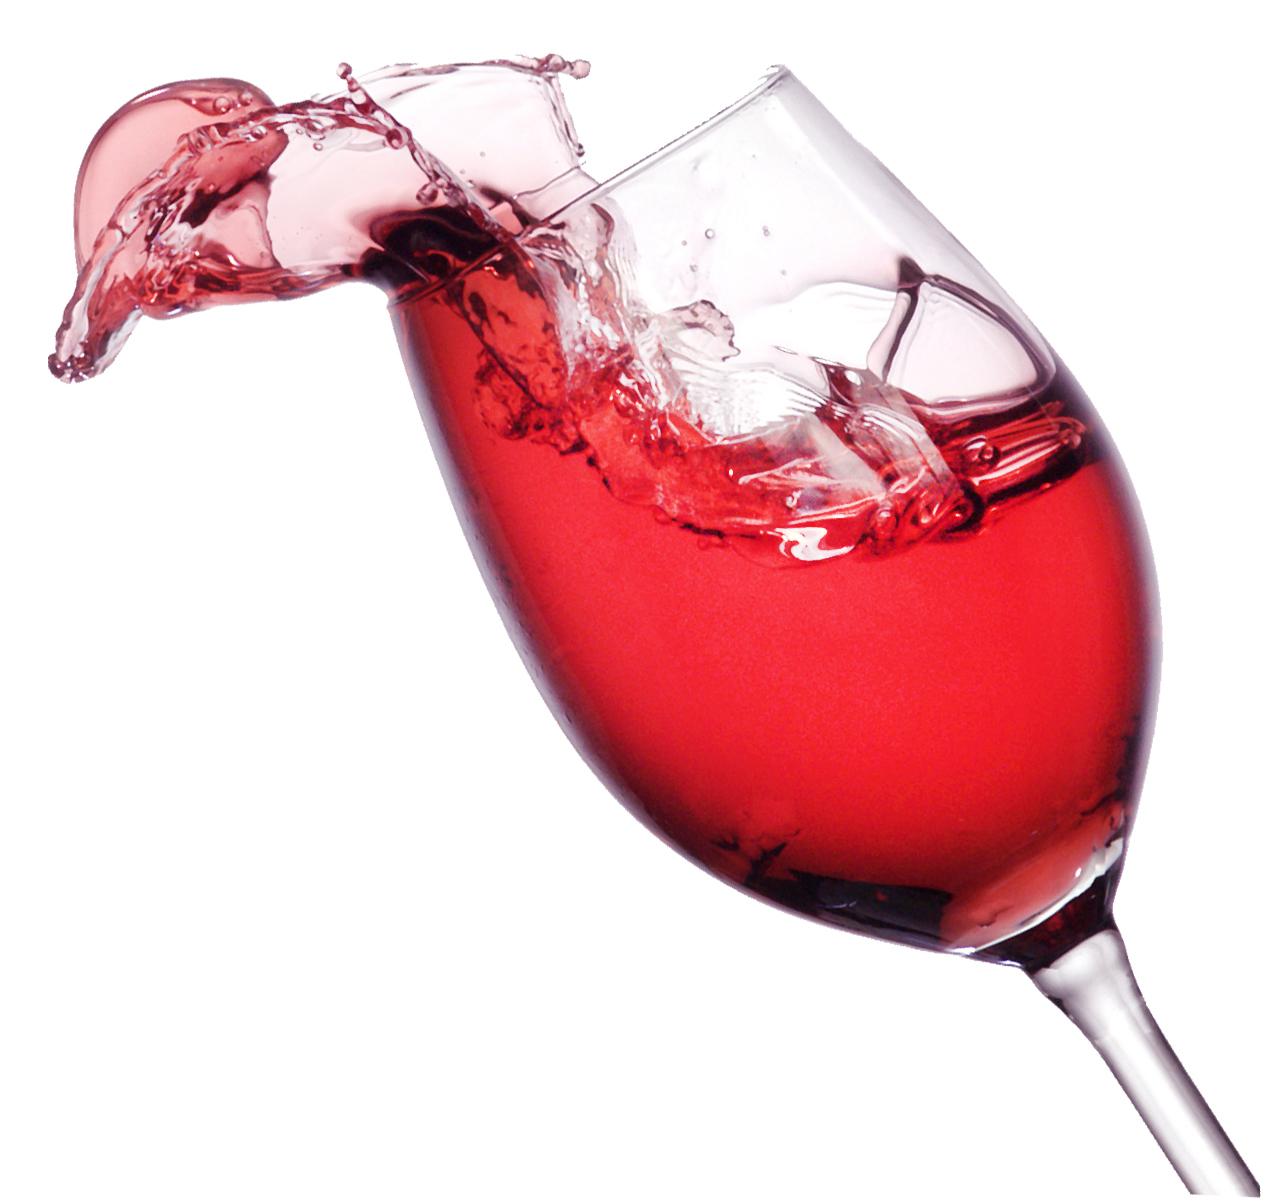 всех желающих картинка бокал с розовым вином школе мария